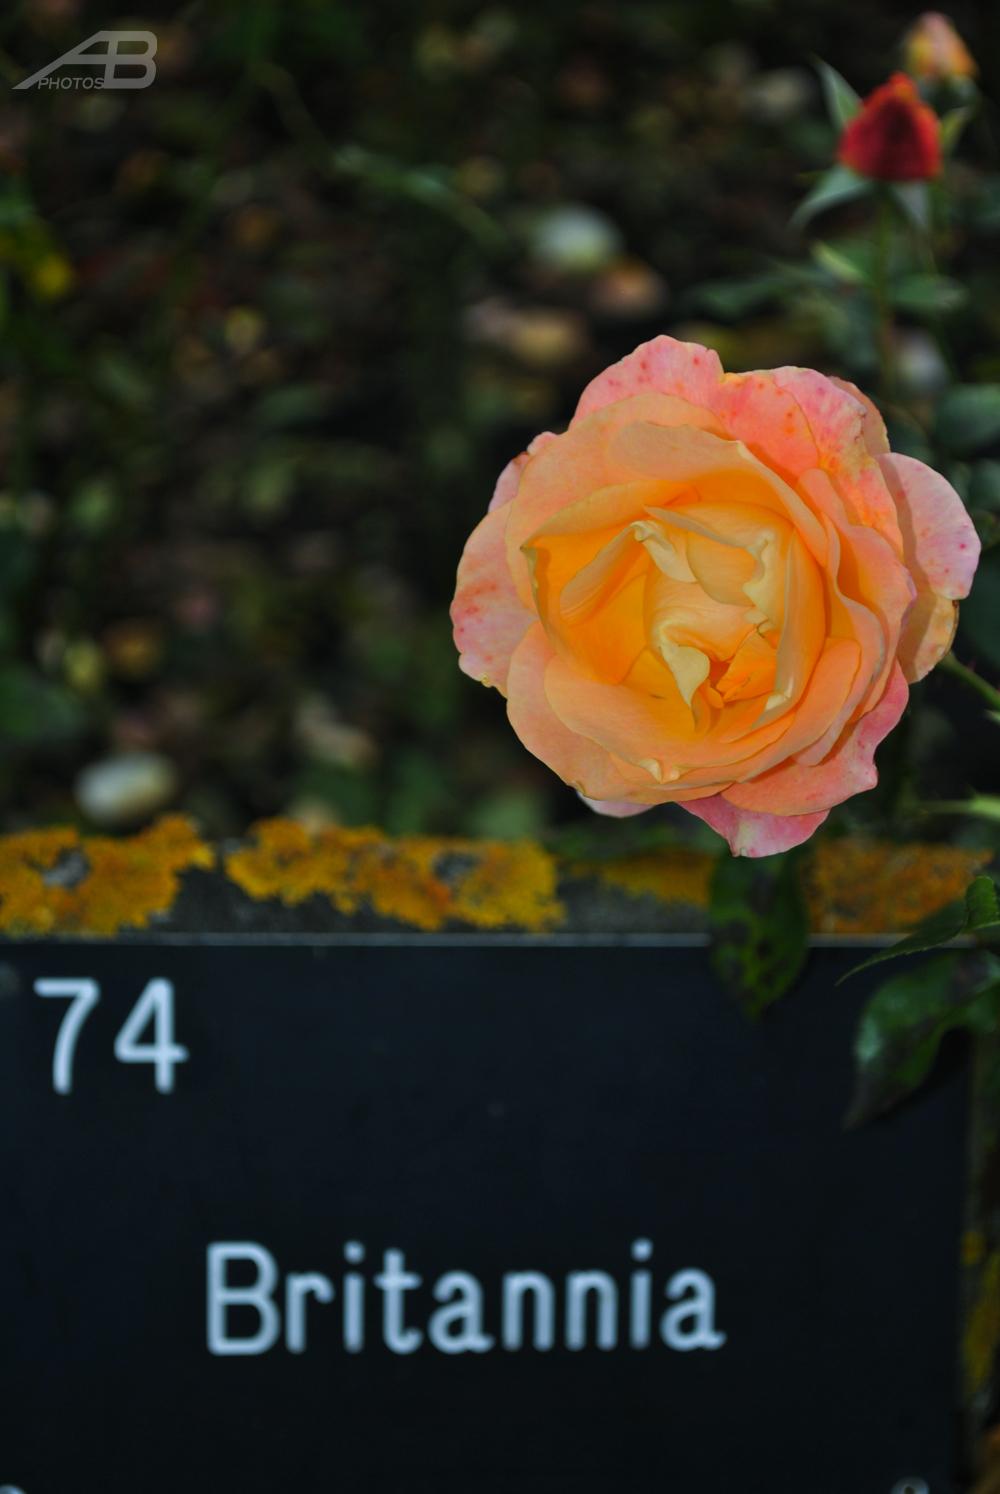 Britannia Rose, Regent's Park, London